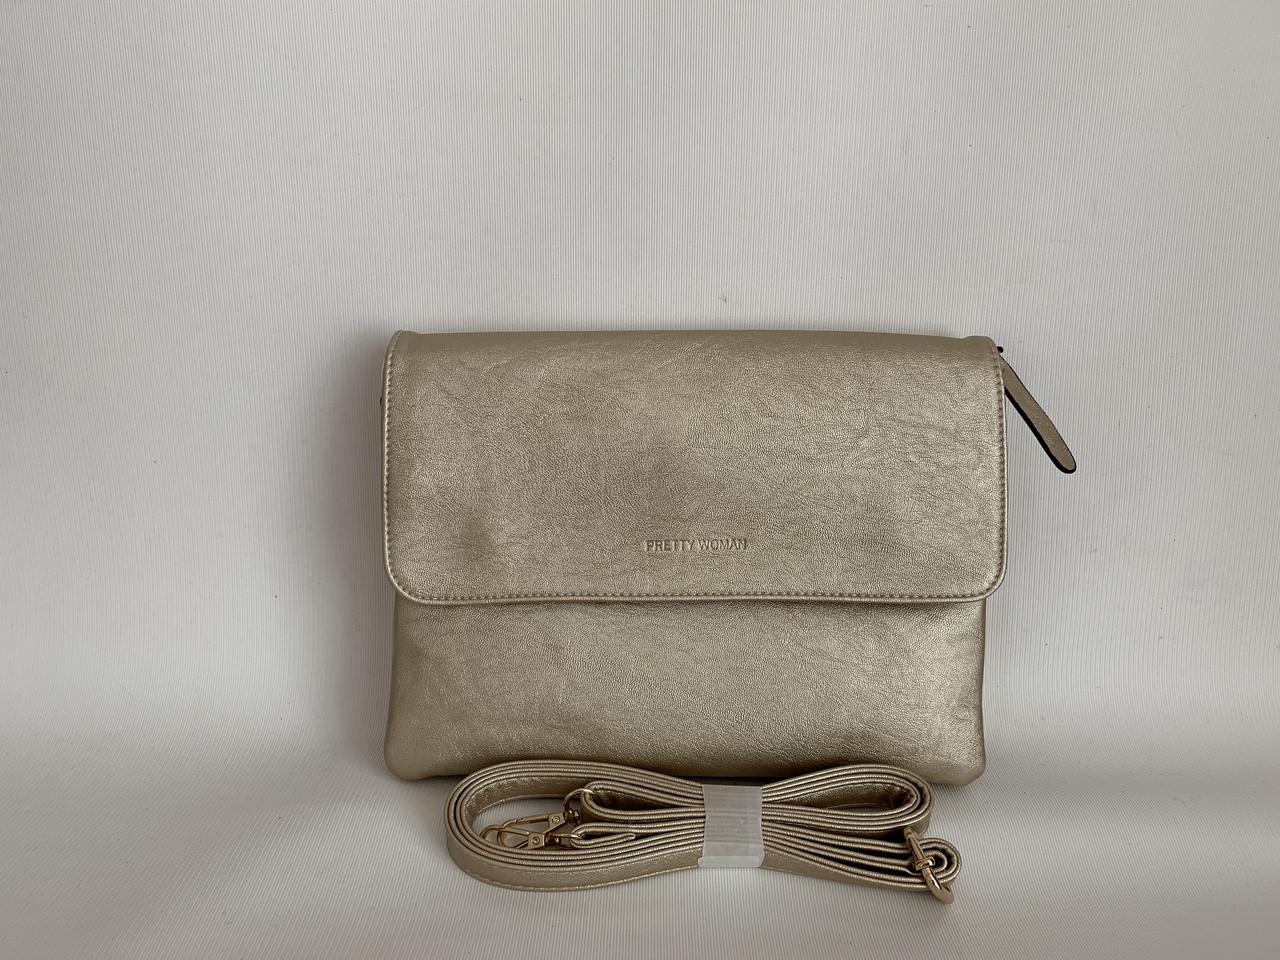 Женская золотистая сумка-клатч Pretty woman